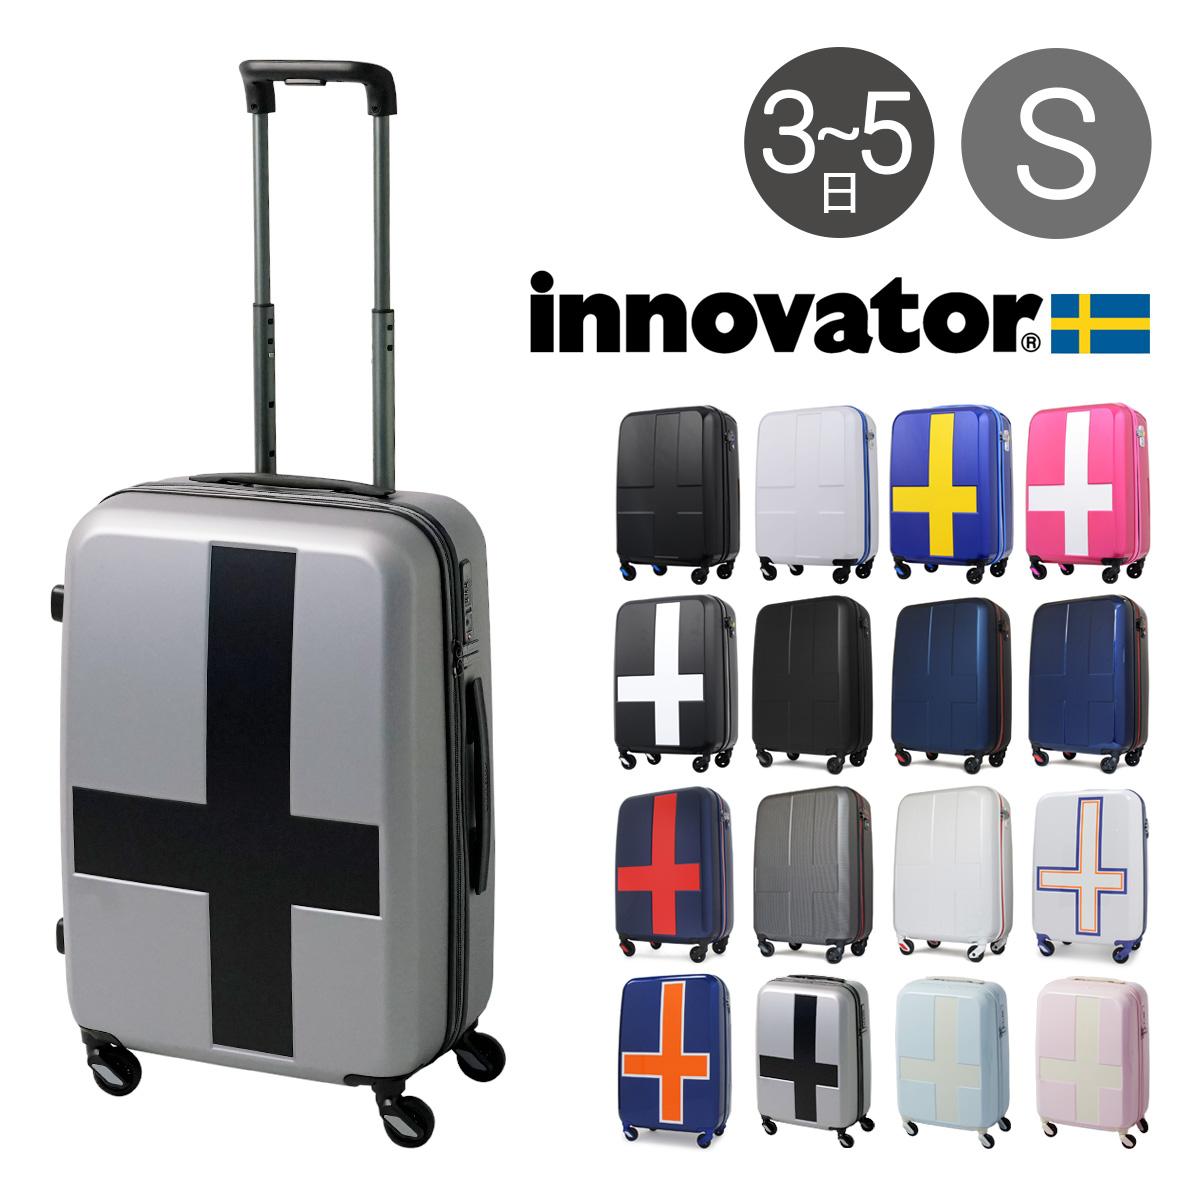 イノベーター スーツケース INV55/55T 55cm 【 innovator キャリーケース キャリーバッグ 北欧 】【 TSAロック搭載 】【 2年保証 】【bef】